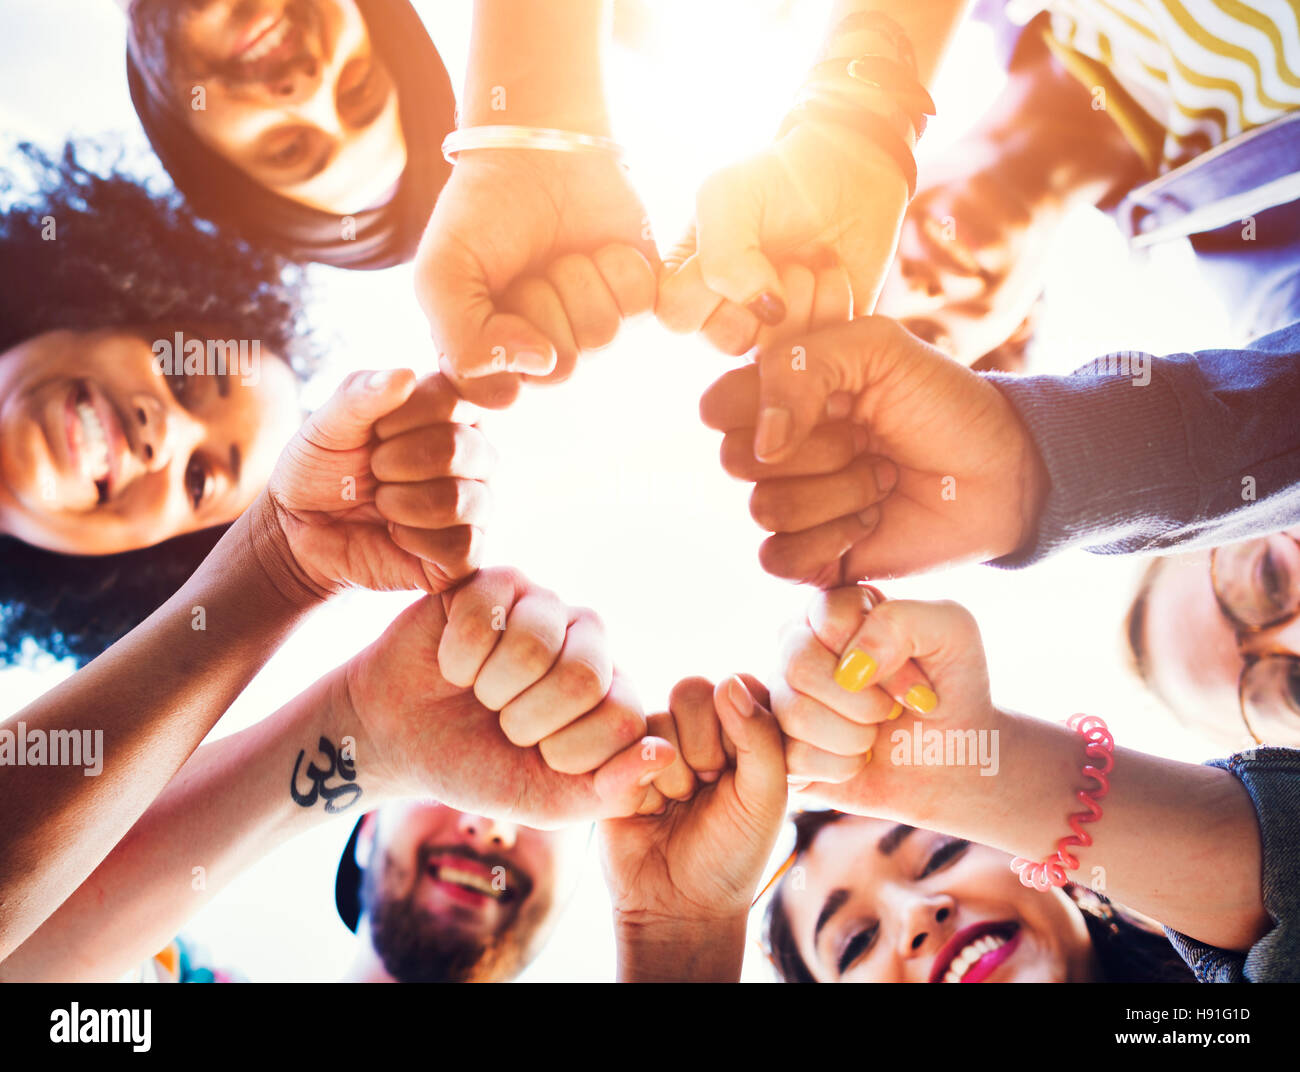 Puño de amigos juntos Círculo concepto de trabajo en equipo Imagen De Stock